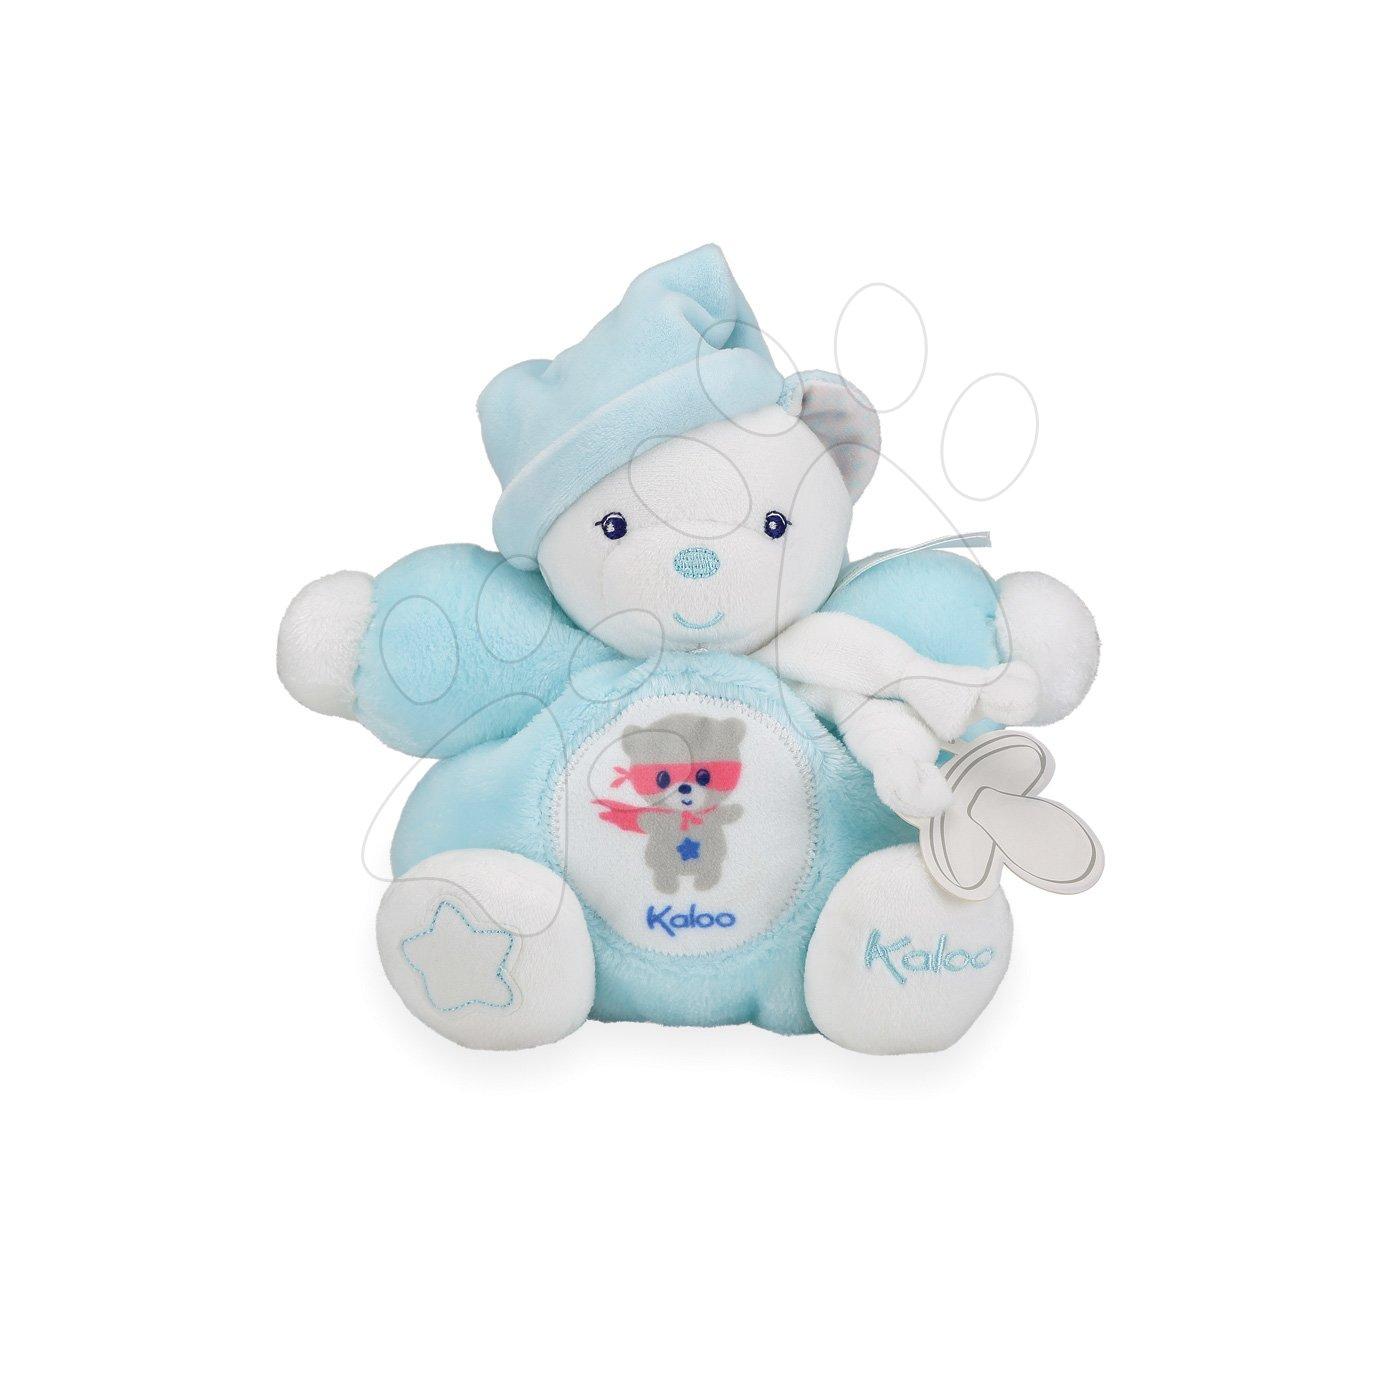 Plyšový medveď Imagine Chubby Kaloo svetielkujúci v darčekovom balení 18 cm tyrkysový